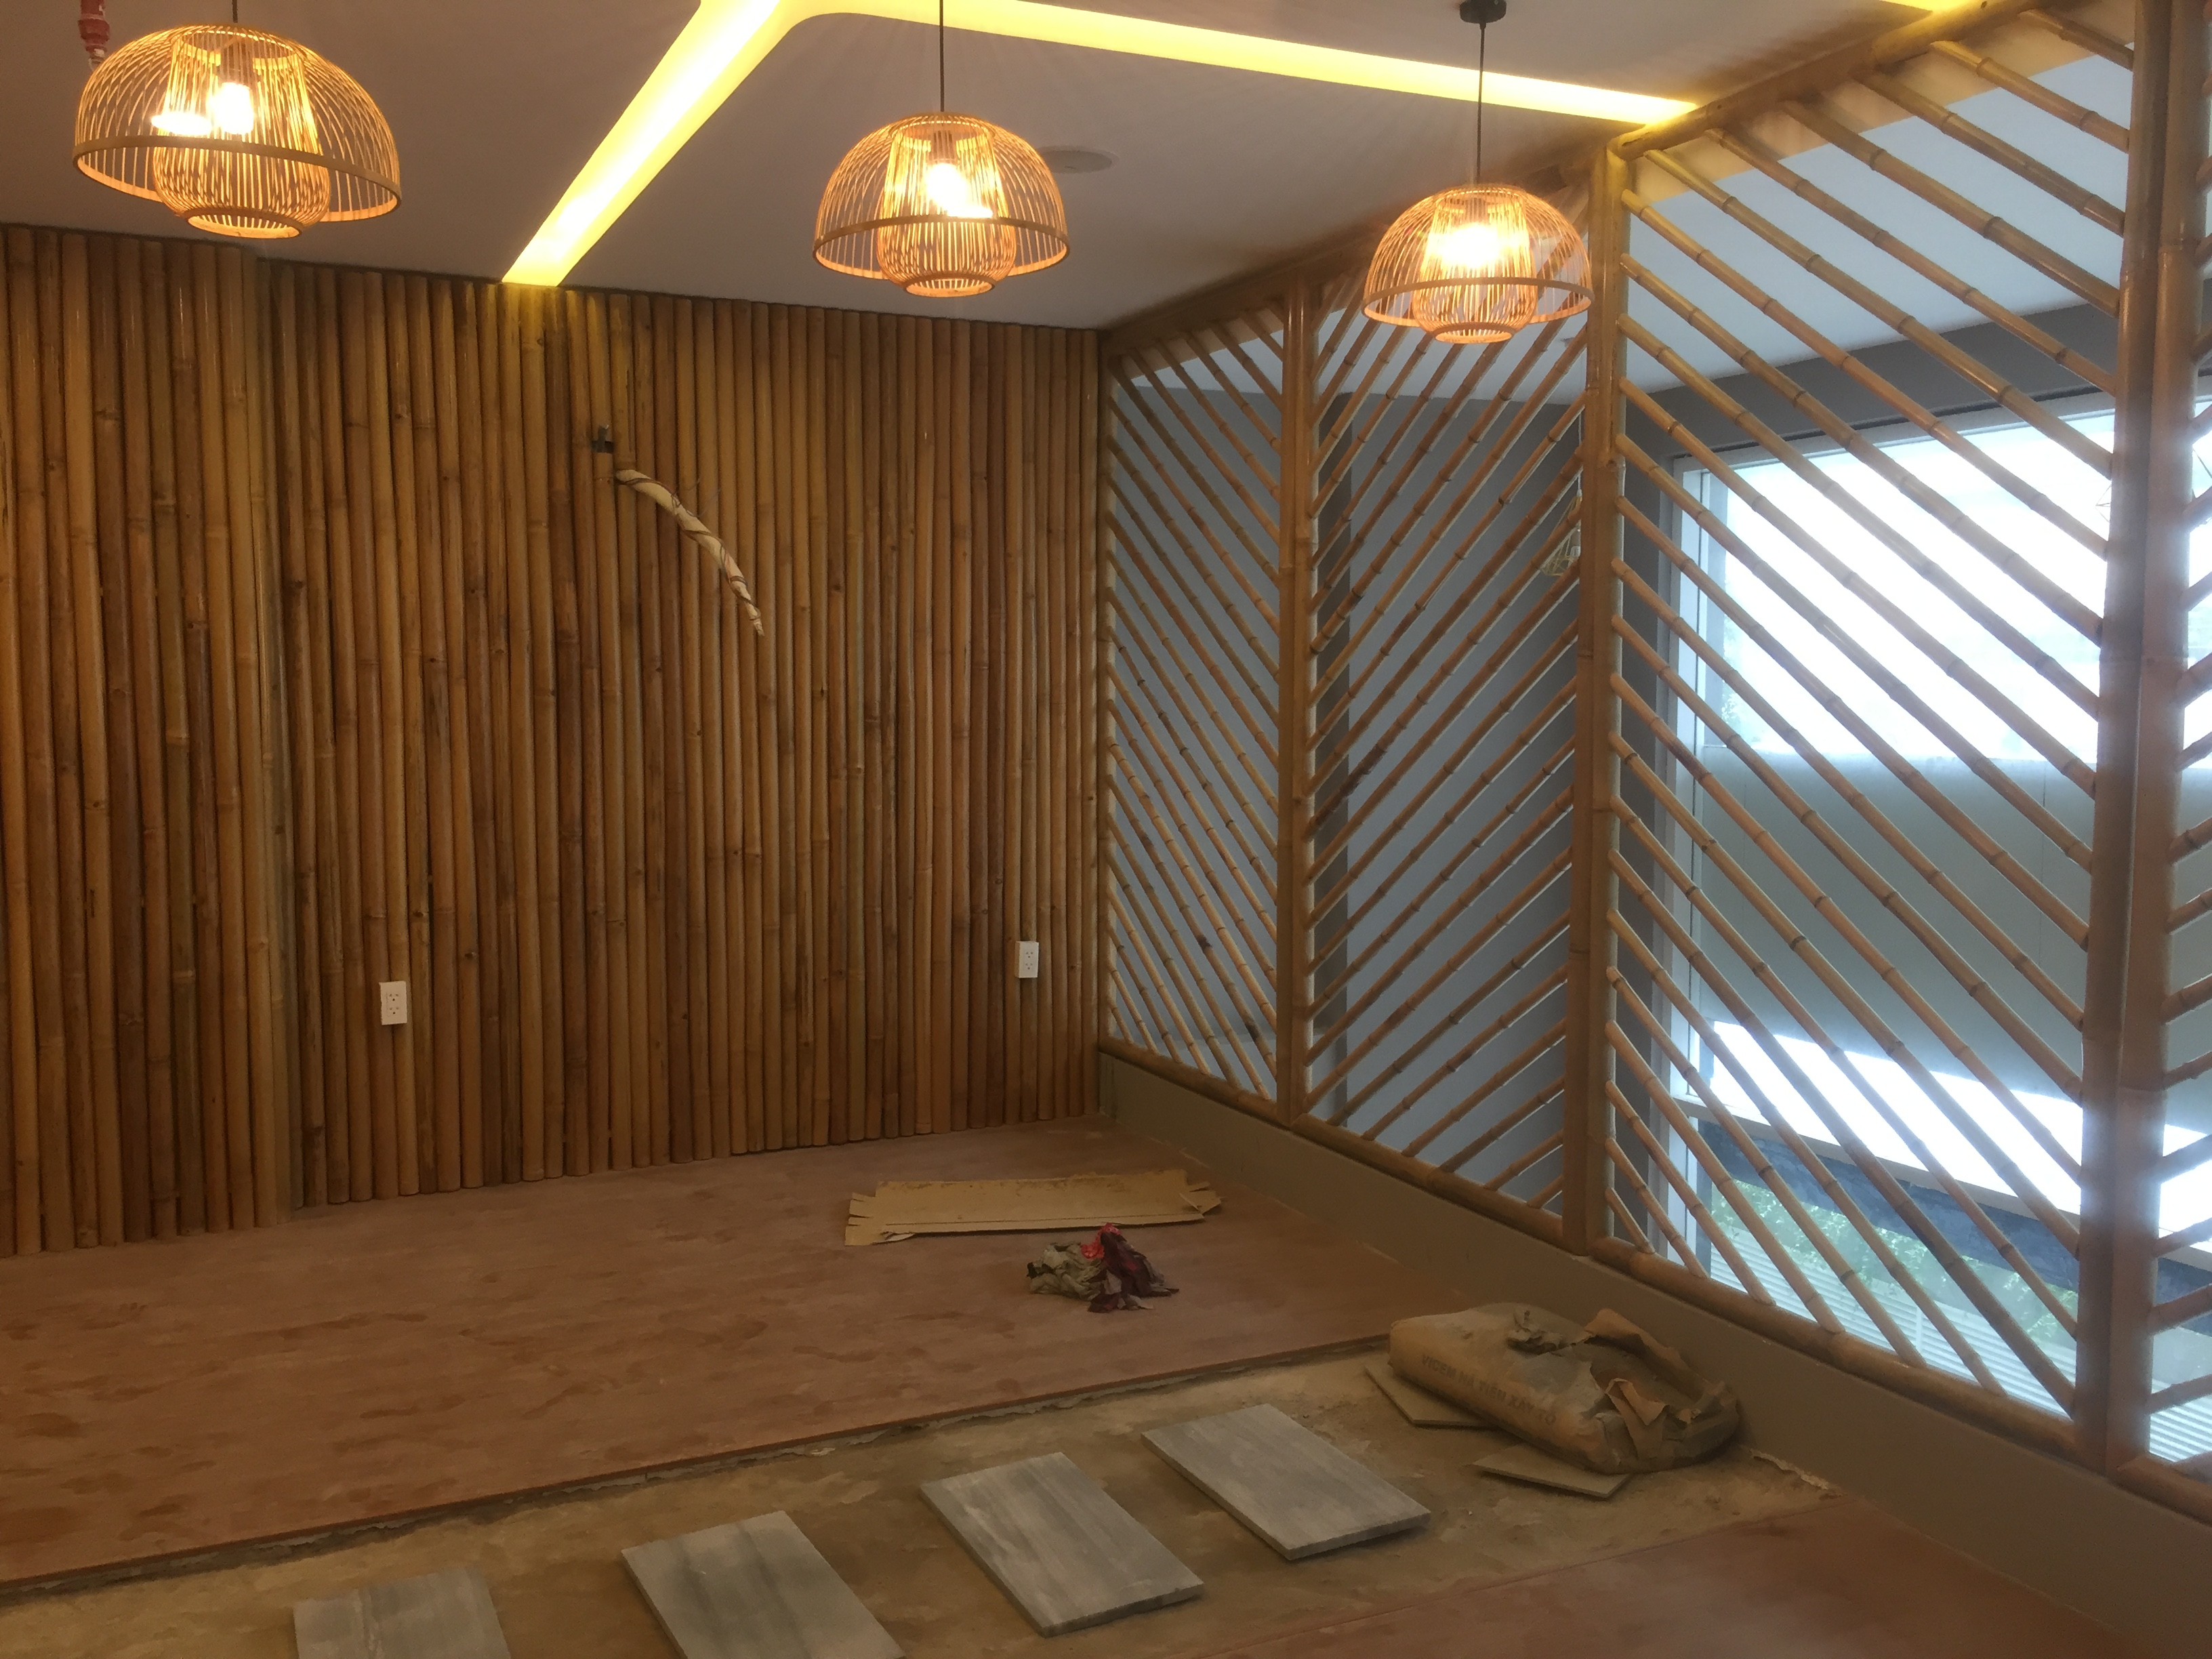 Thiết kế văn phòng làm việc bằng nguyên liệu tre trúc